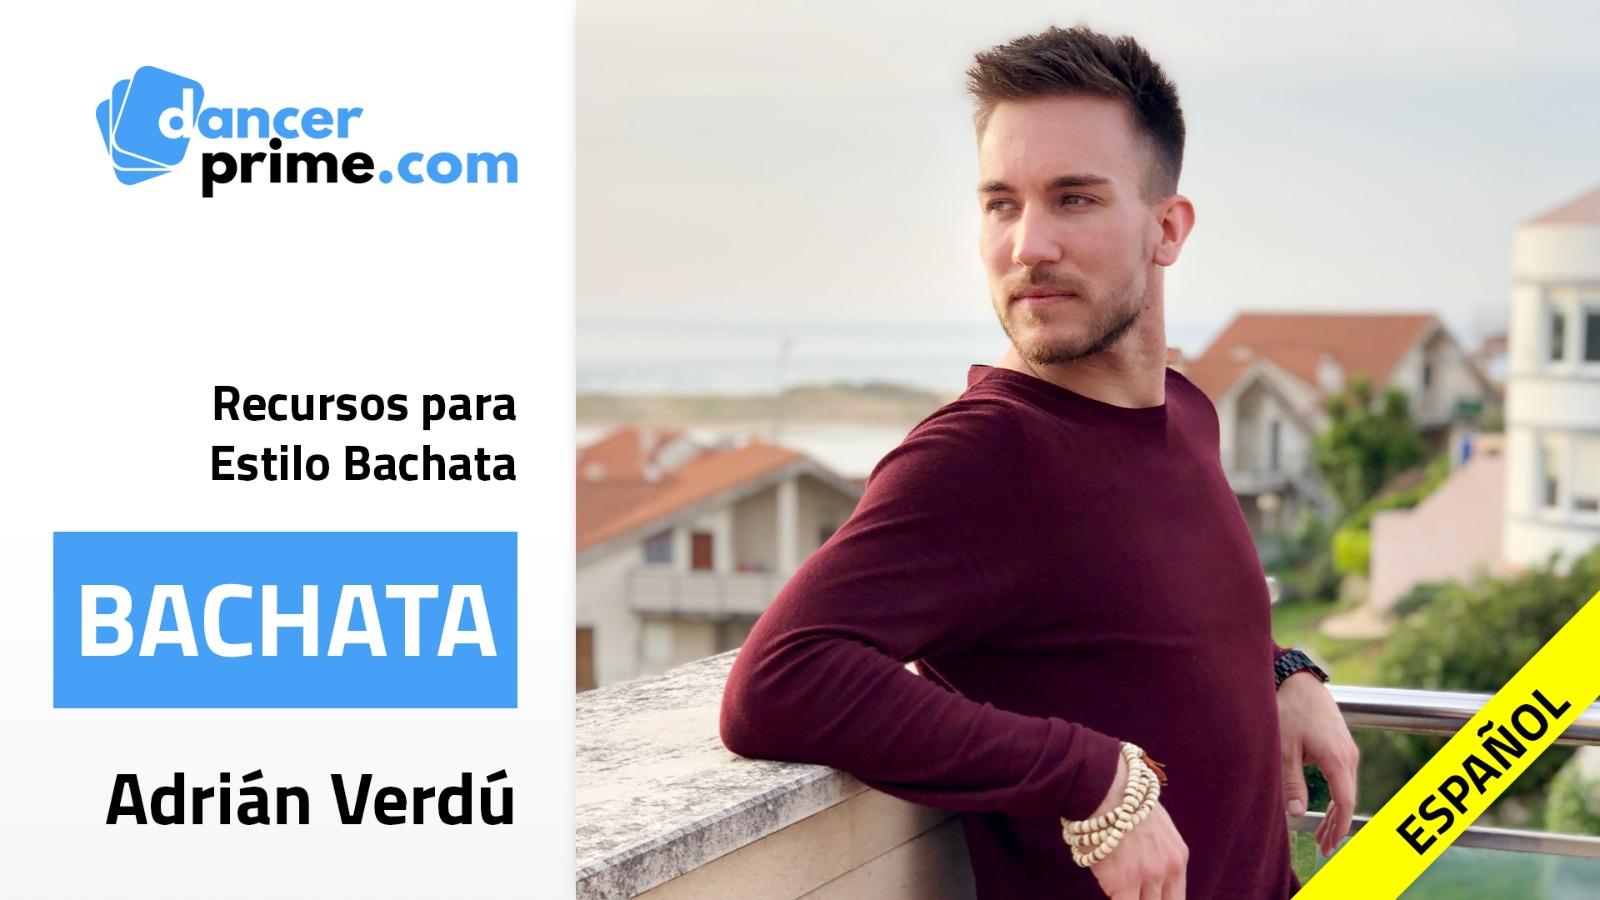 Curso Estilo Bachata - Adrián Verdú